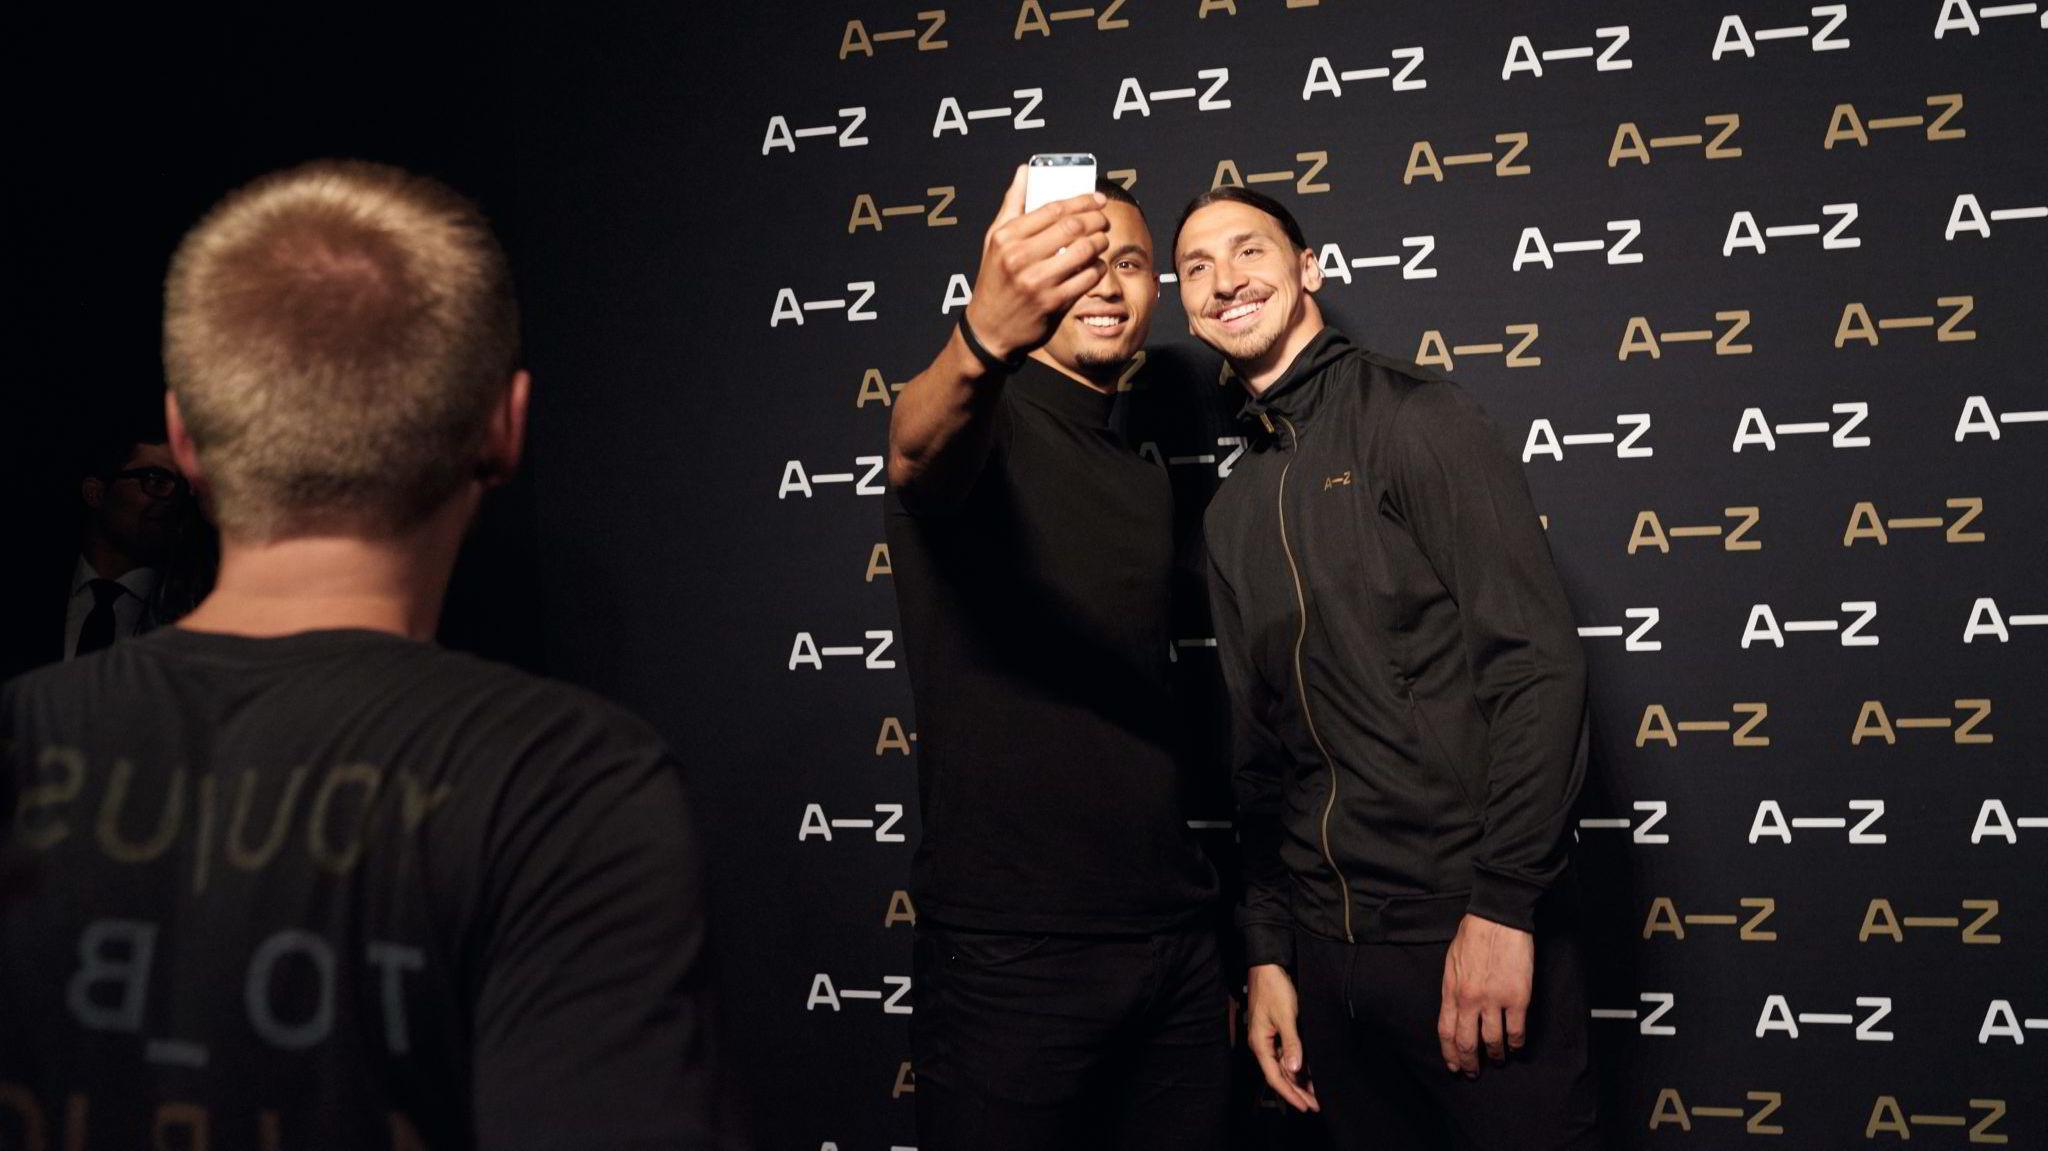 Zelfie. Zlatan Ibrahimović (34) stilte opp til selfie for samtlige av de 400 som stilte seg i kø foran reklameveggen til A–Z i Paris. Fotballspilleren er både blitt et moteikon og nå også en spillinvestor.